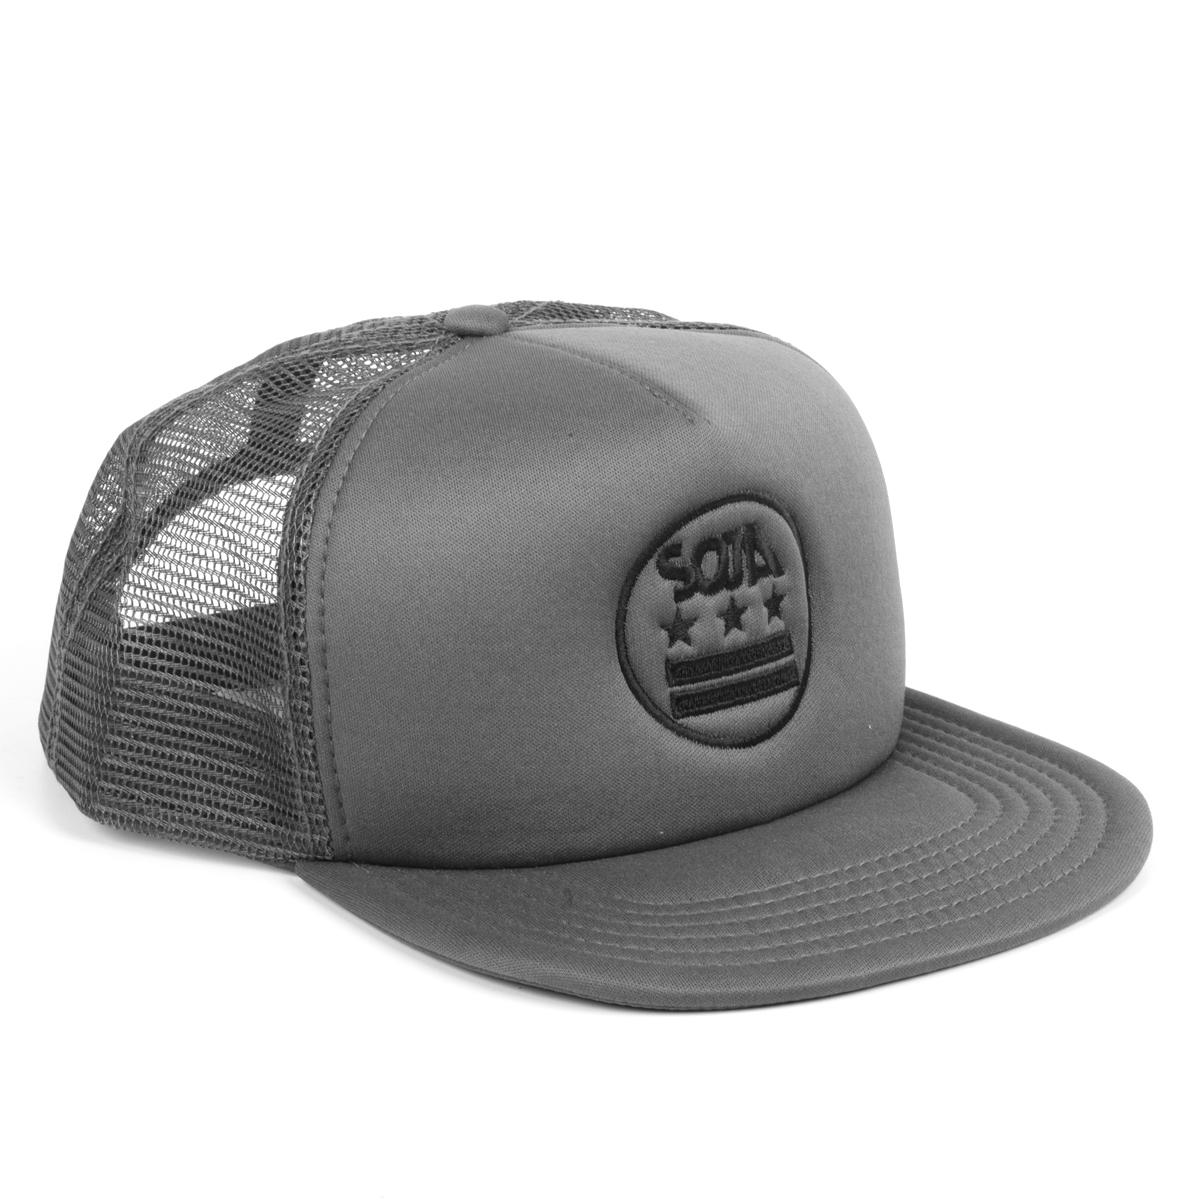 SOJA Gray Trucker Hat Stars and Bars